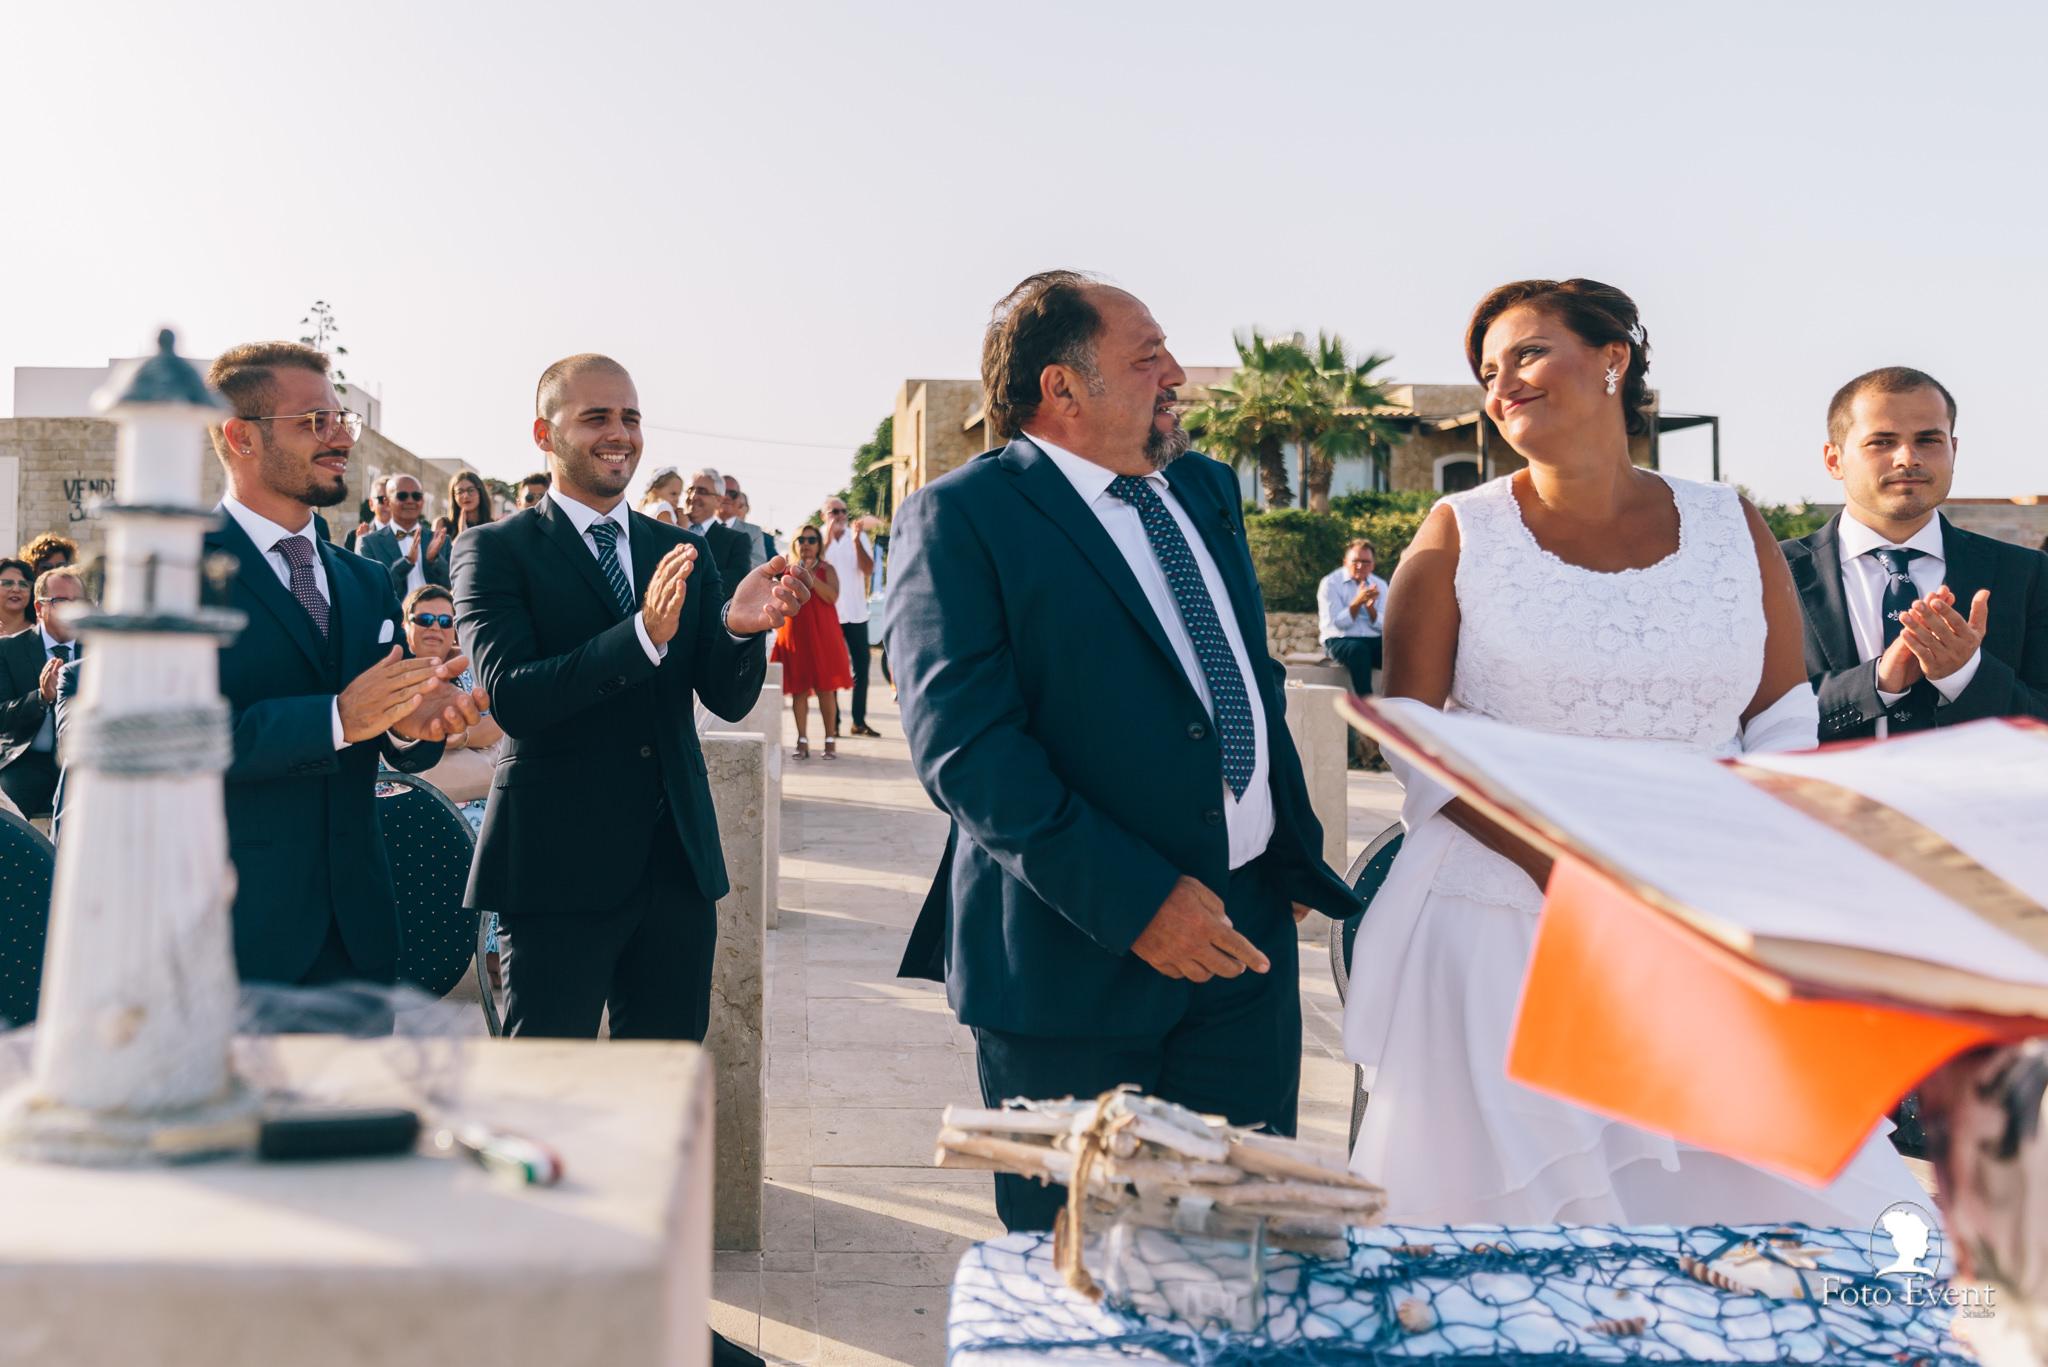 036-2019-09-19-Matrimonio-Letizia-e-Dino-Argento-859